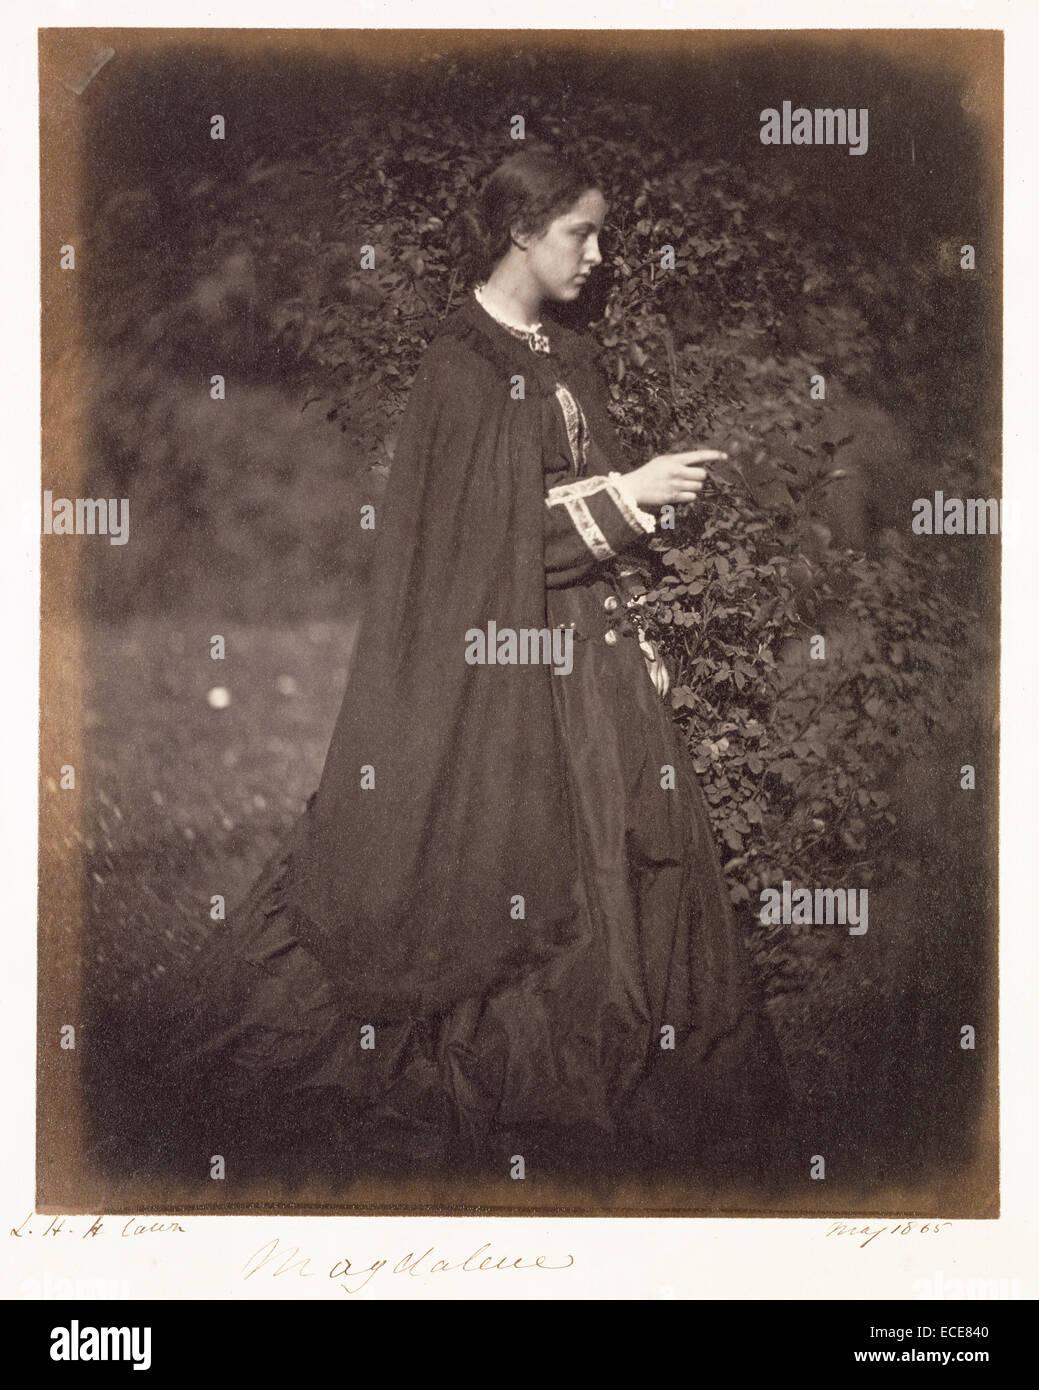 Maddalena (Brookfield); Julia Margaret Cameron, britannico, nato in India, 1815 - 1879; Londra, Inghilterra, Europa; Immagini Stock